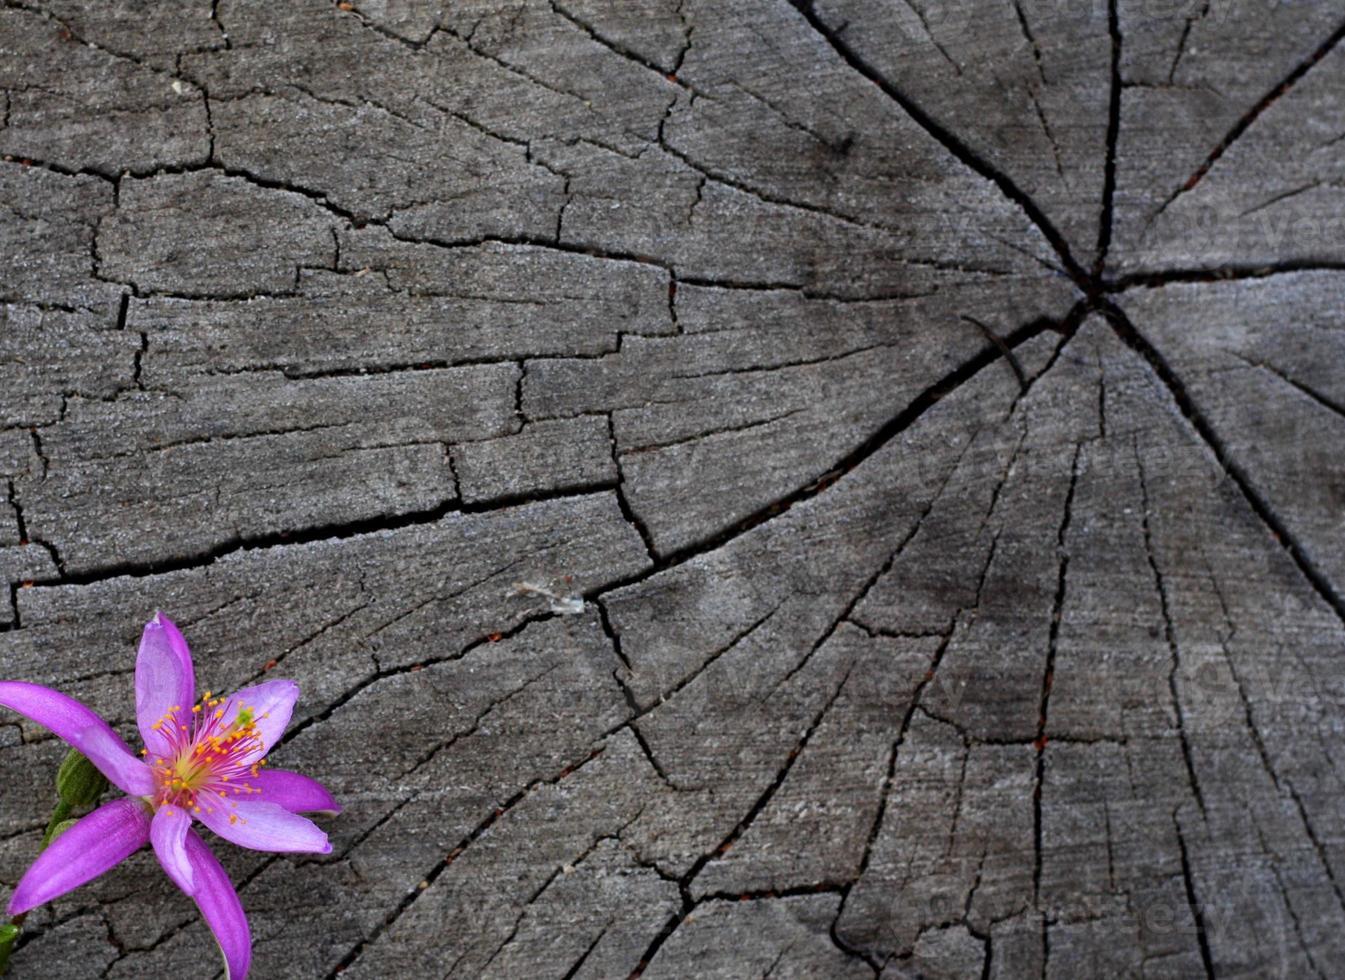 rosa Blume in der Ecke des Stumpfes foto